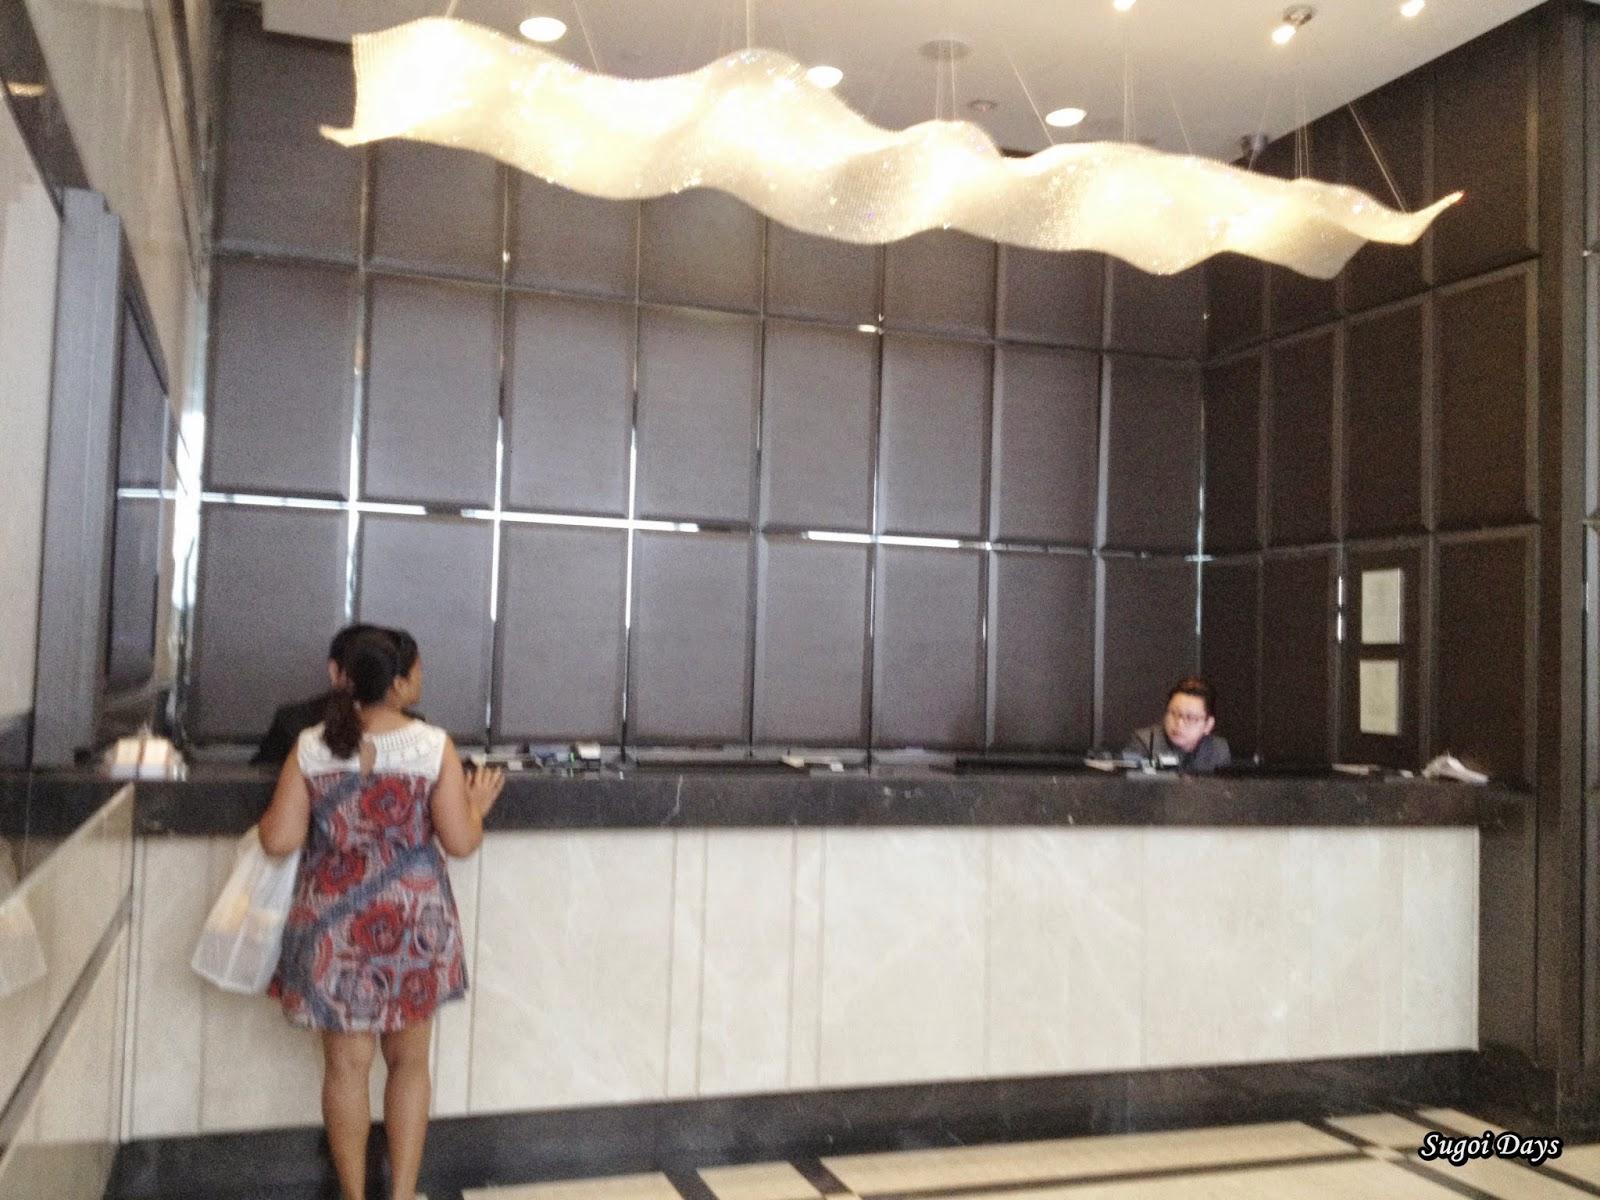 sugoi days hotel v bencoolen singapore review hotel v bencoolen singapore review